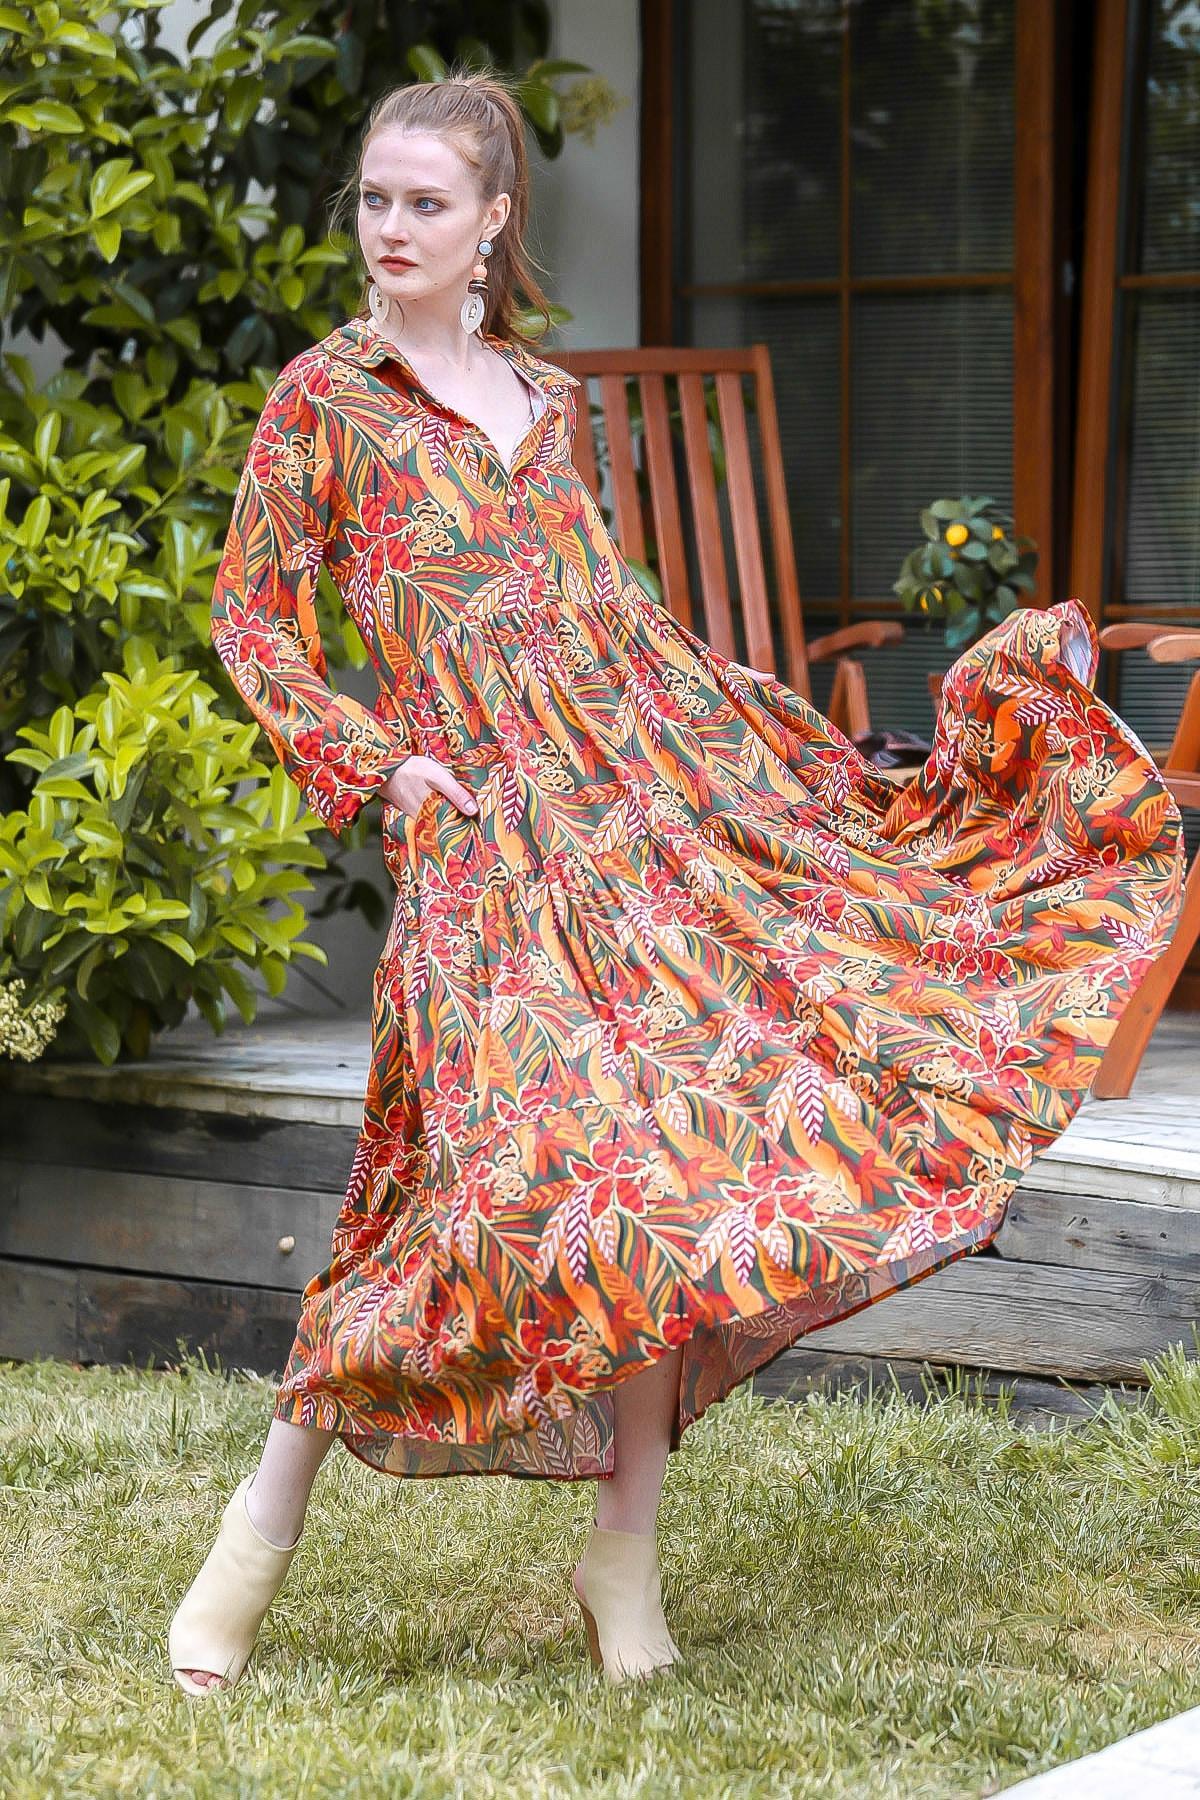 Chiccy Kadın Kiremit Yaprak Desenli Düğmeli Uzun Salaş Dokuma Gömlek Elbise M10160000EL94886